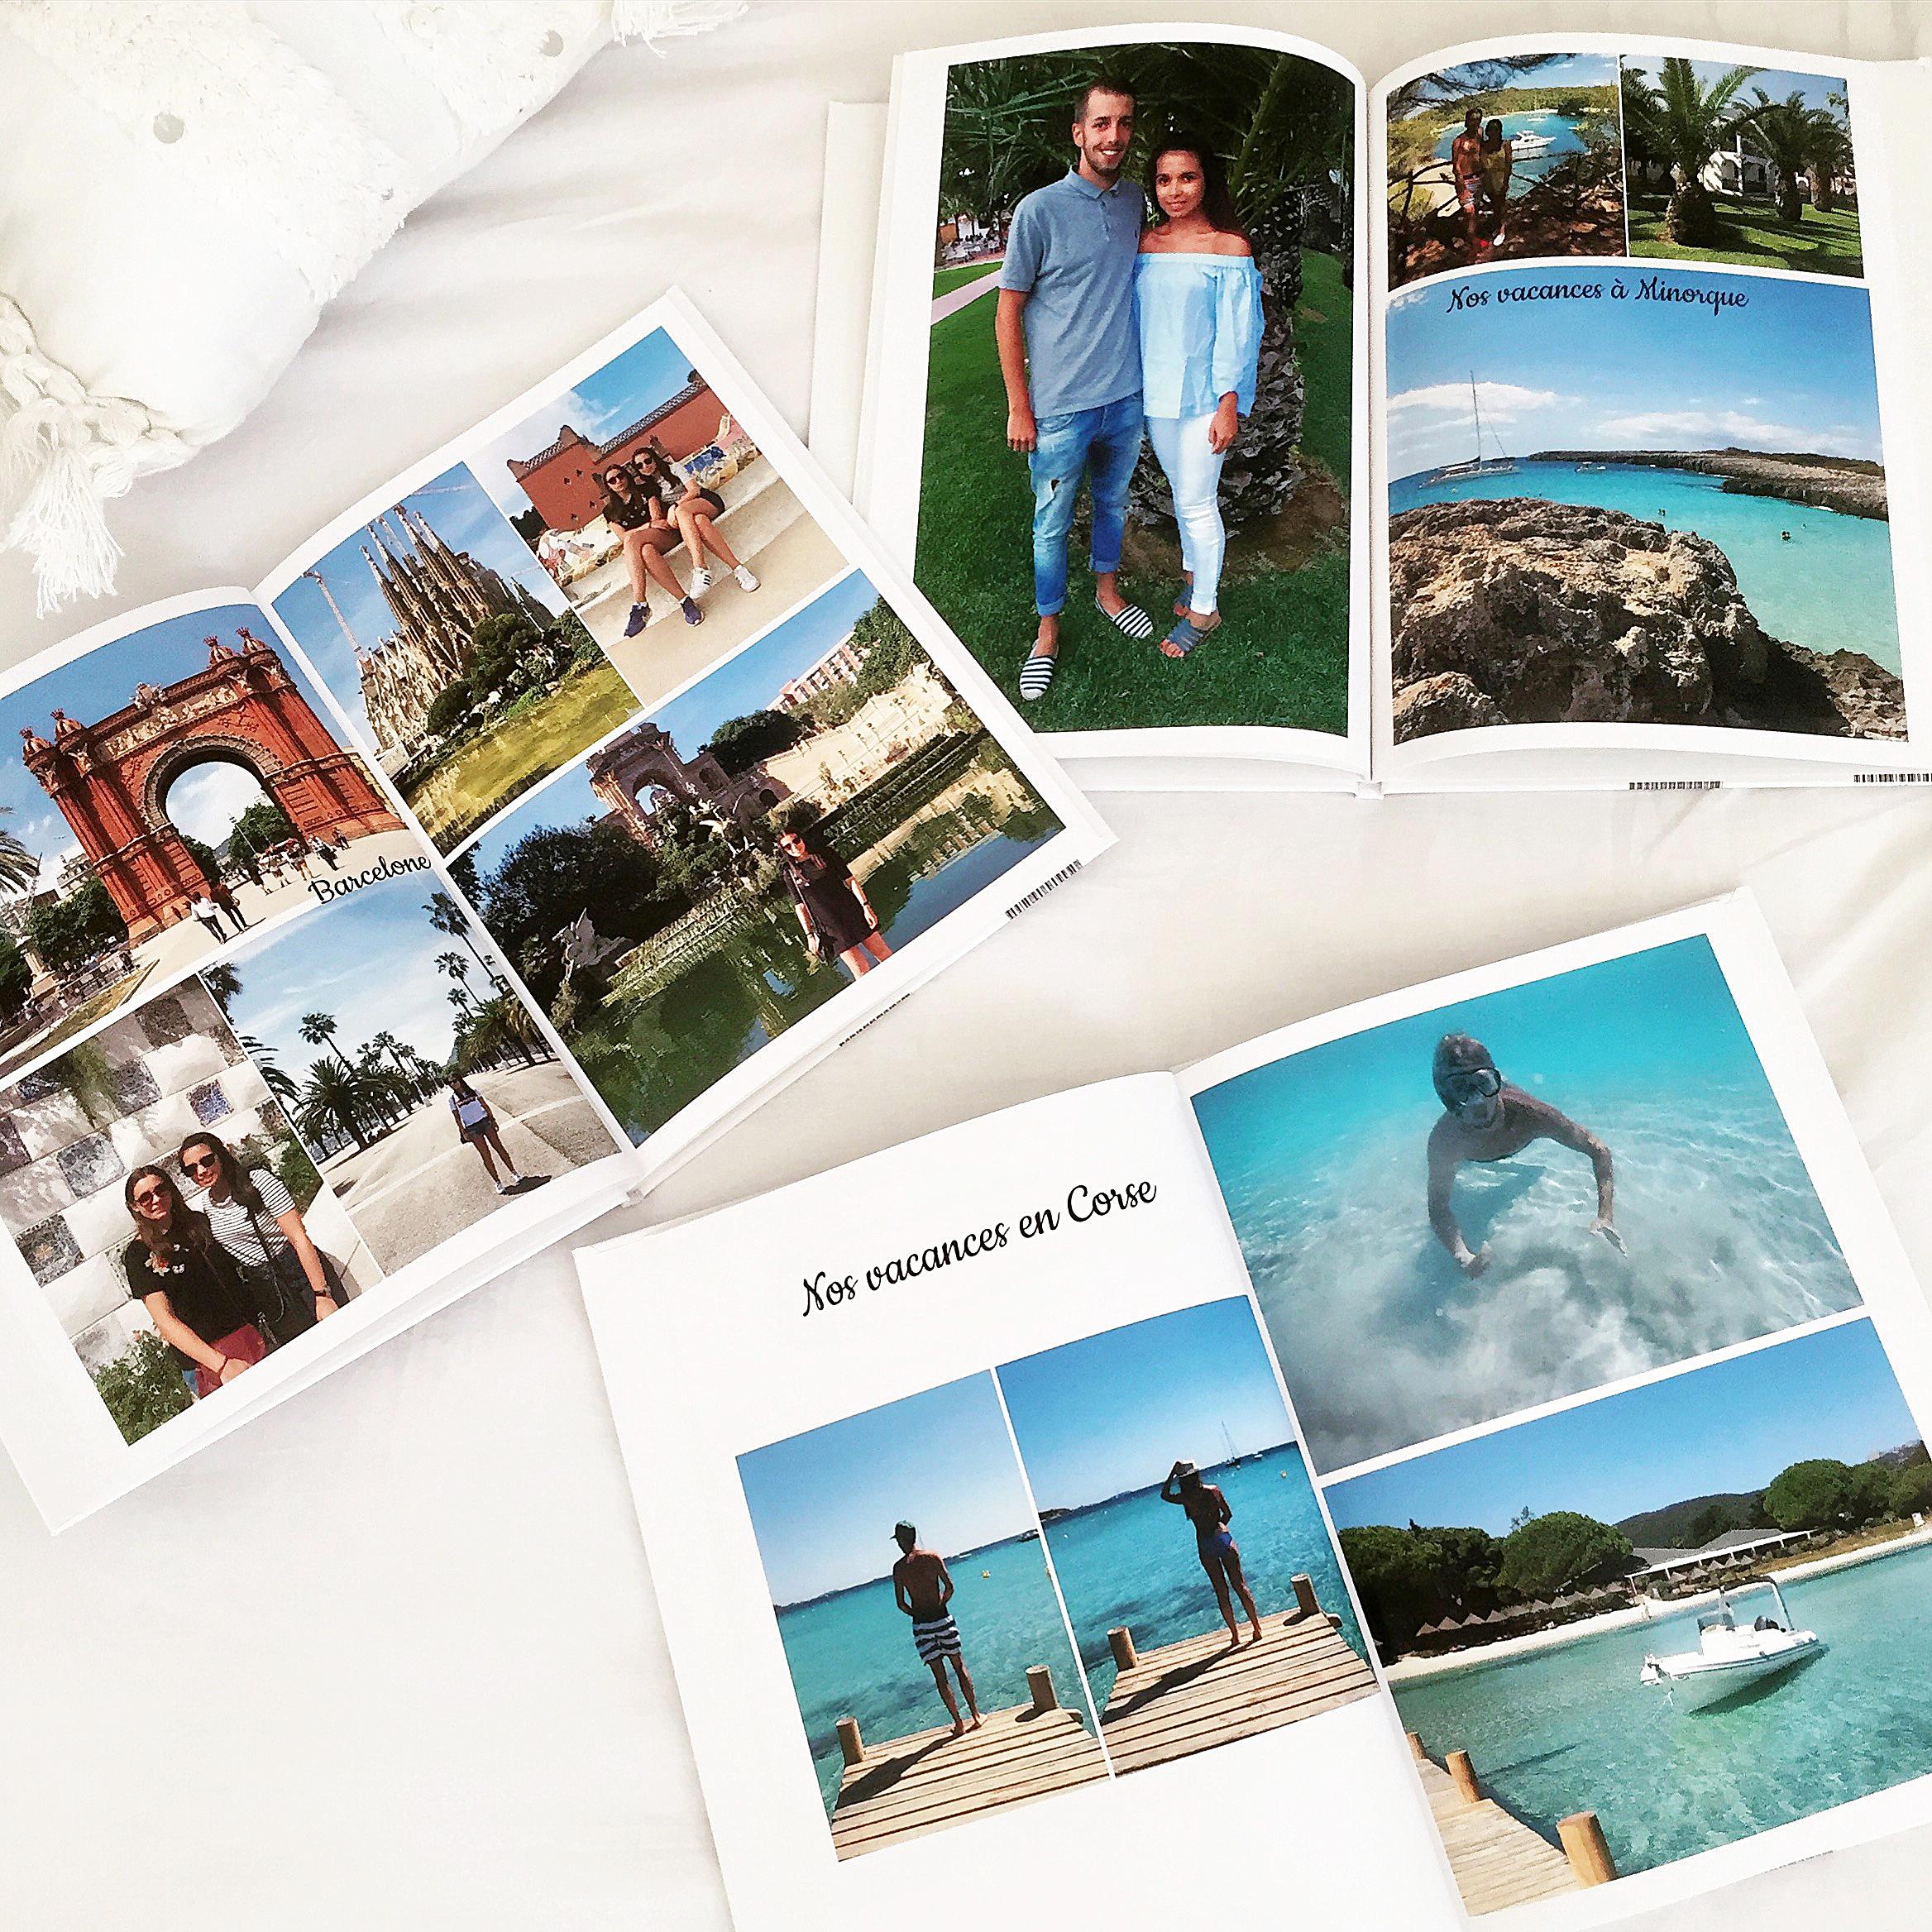 Idées de cadeaux : livre photo de vacances / impression client d'Eva / myposter